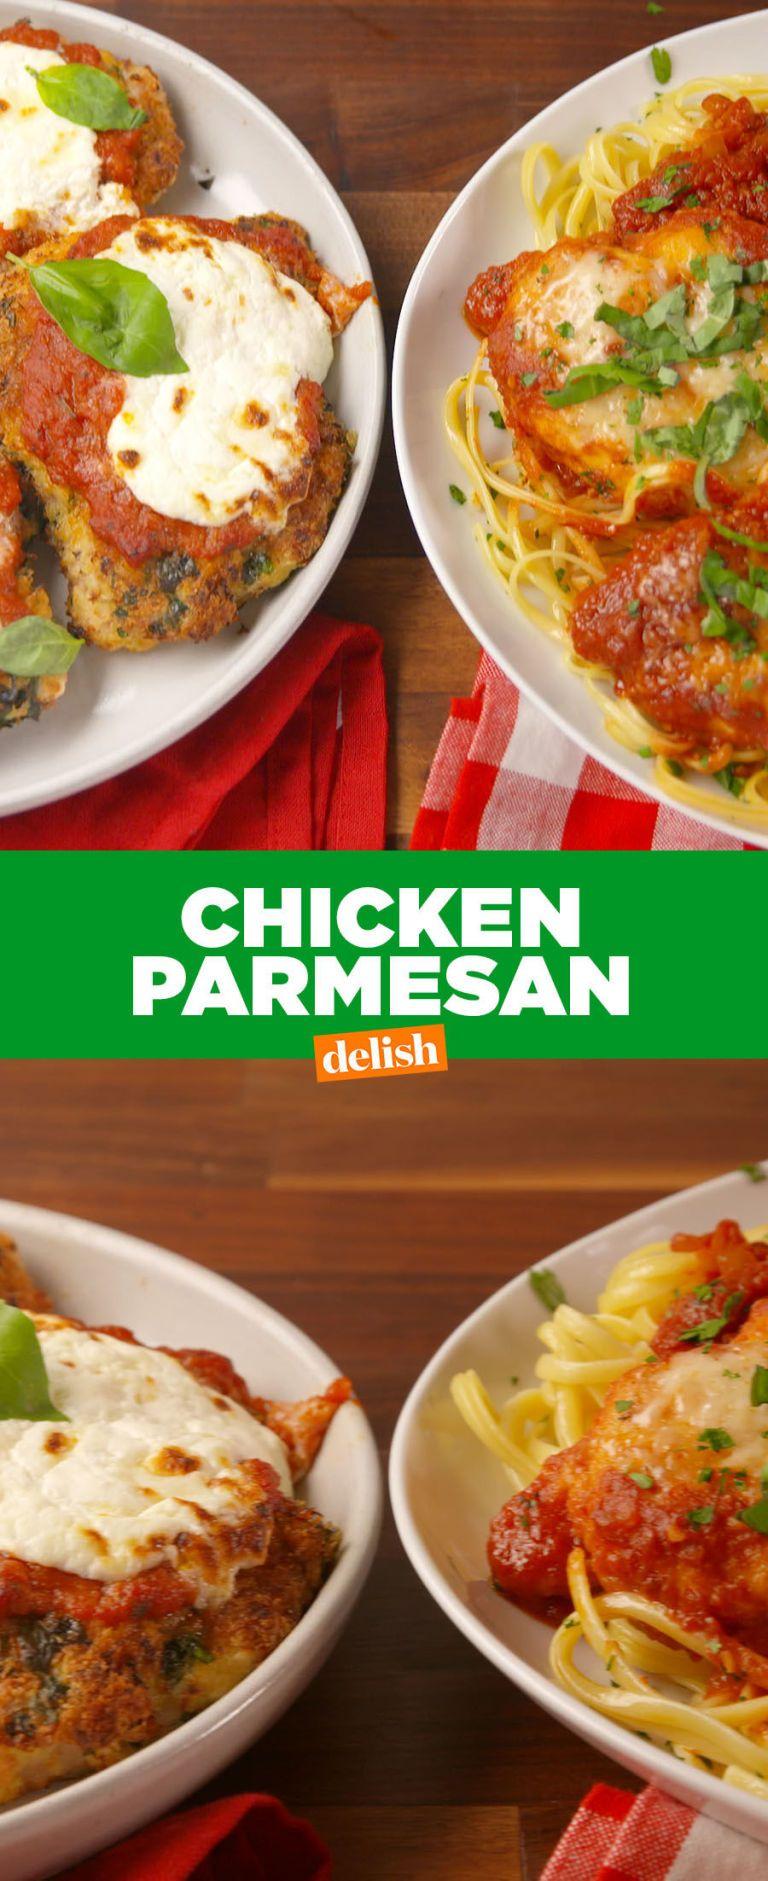 Mario Batali Vs Ree Drummond Whose Chicken Parm Is